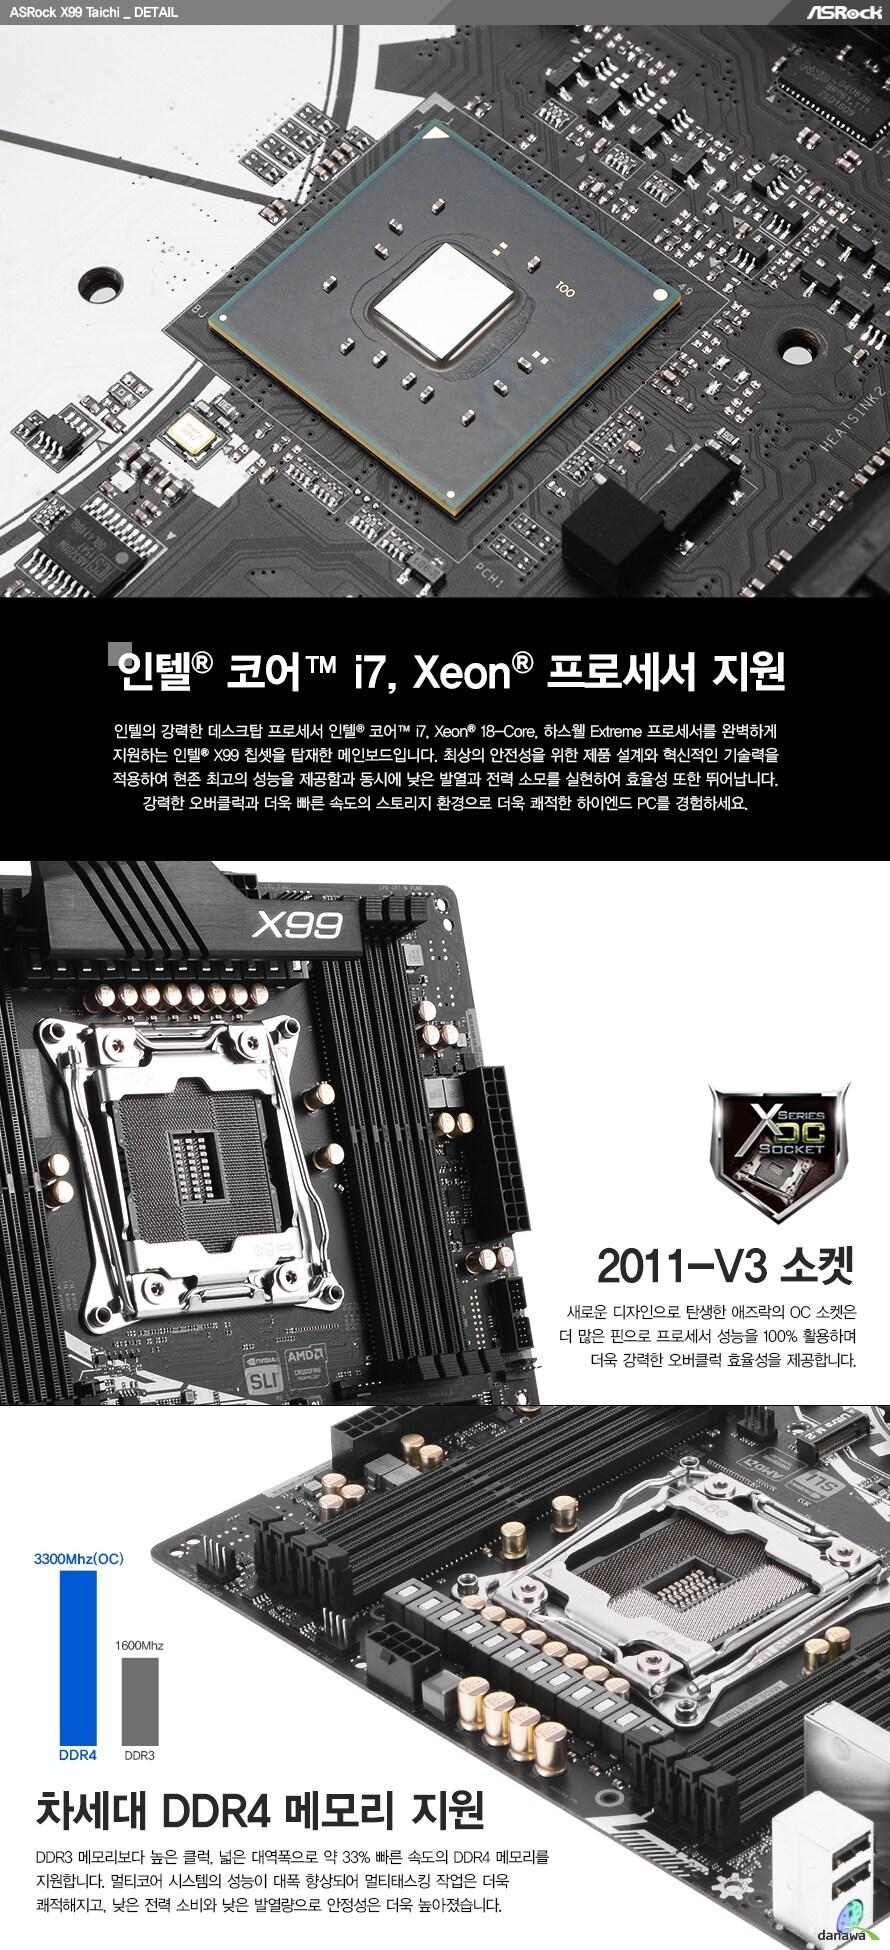 인텔 코어 i7 익스트림, 제온 프로세서 지원